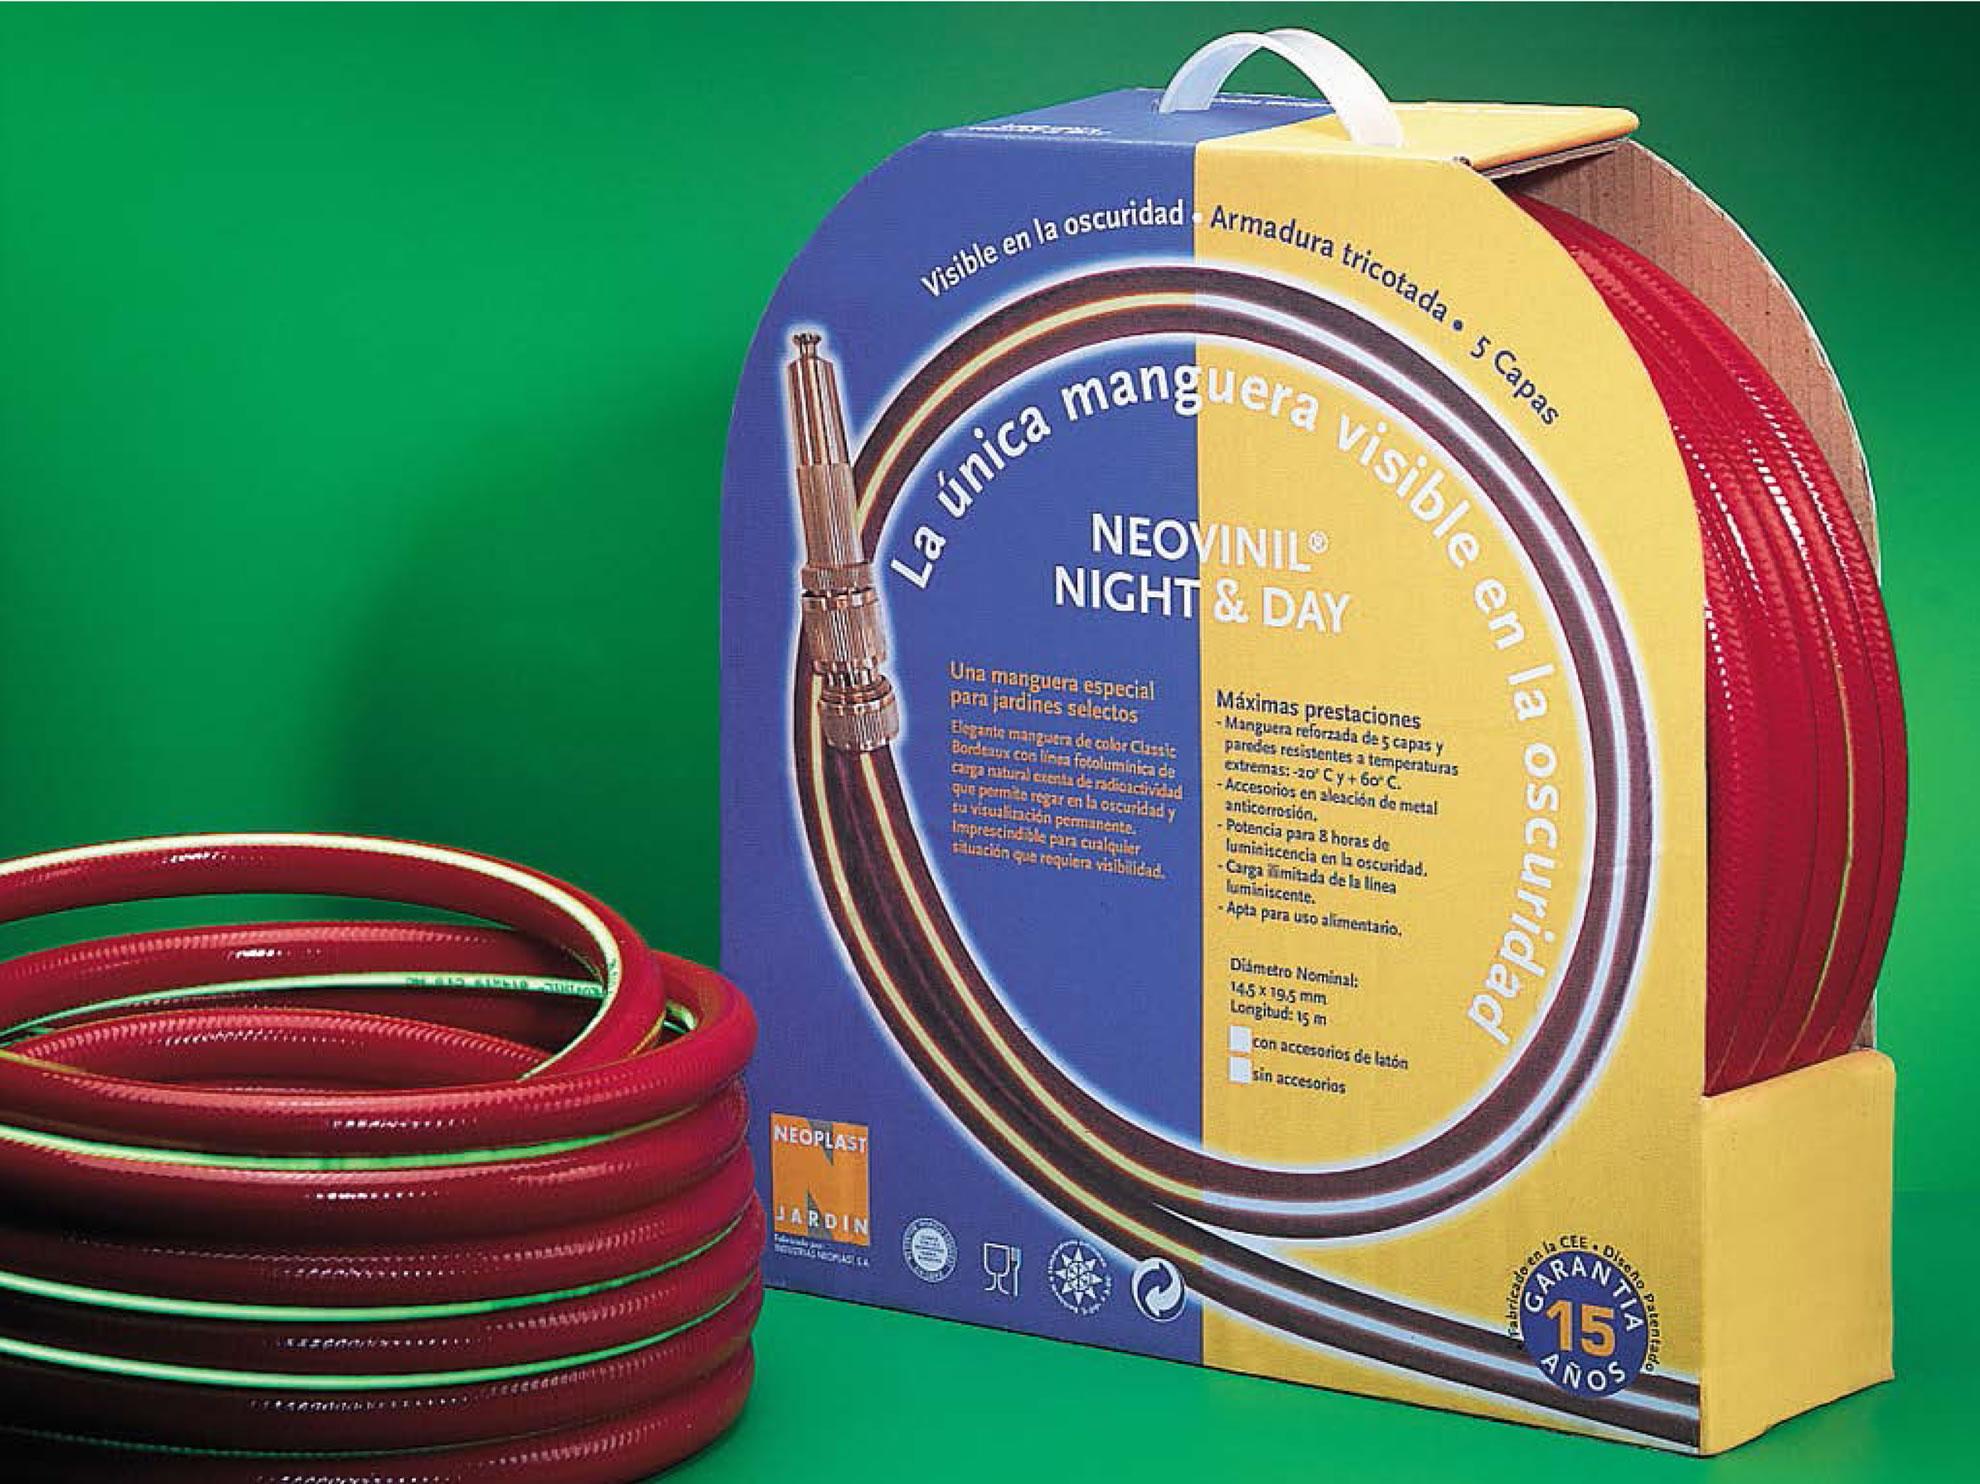 neoplast-packaging-3